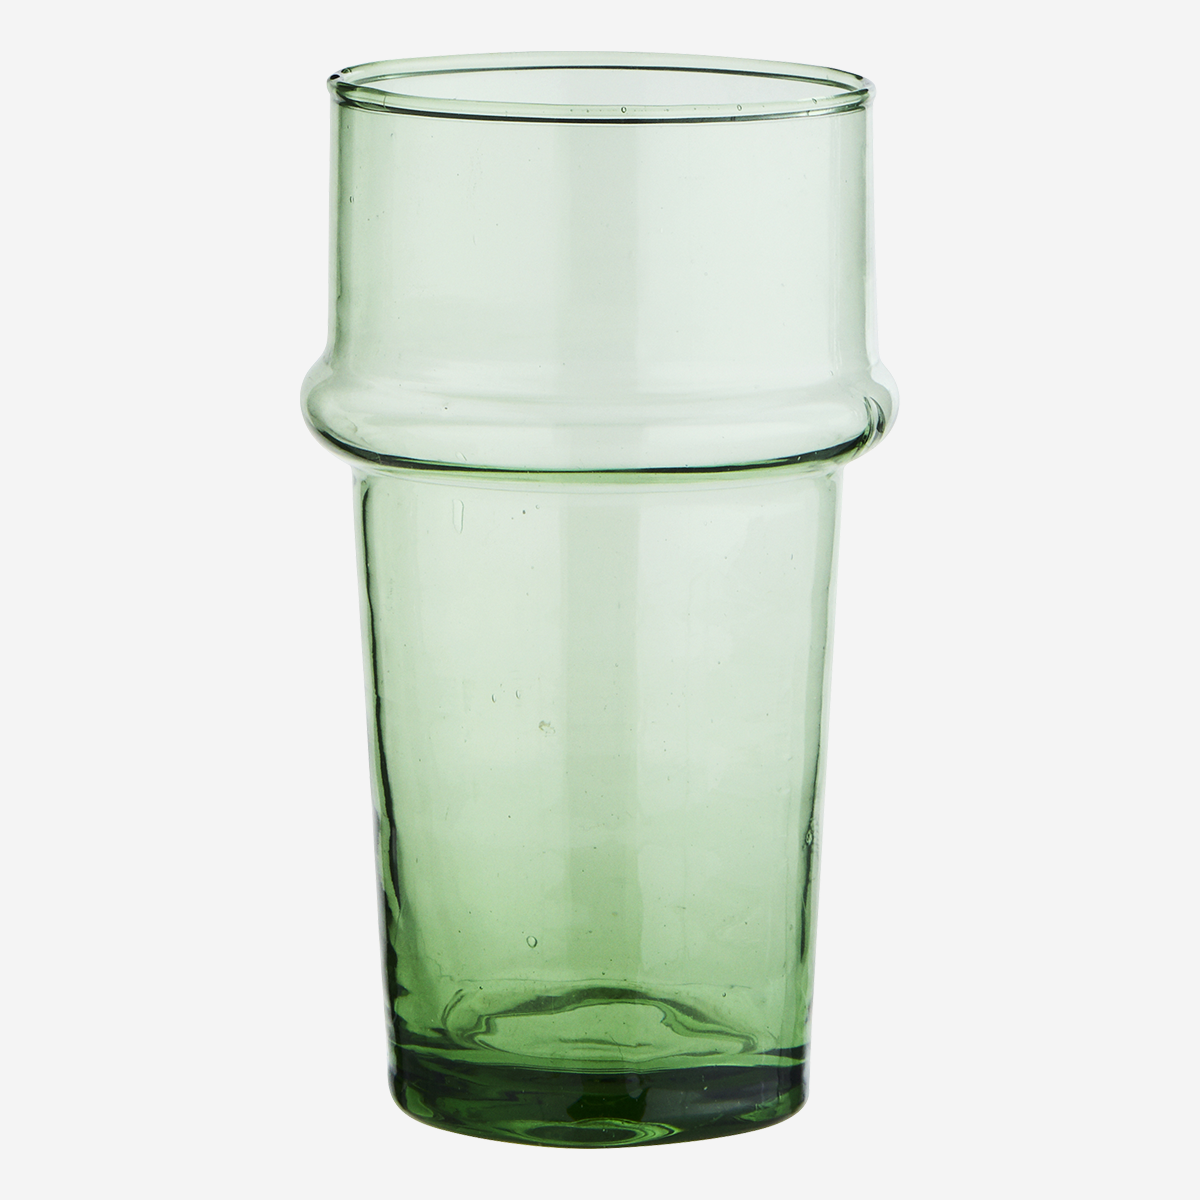 Verre Beldi haut vert (verre recyclé) * Madam Stoltz